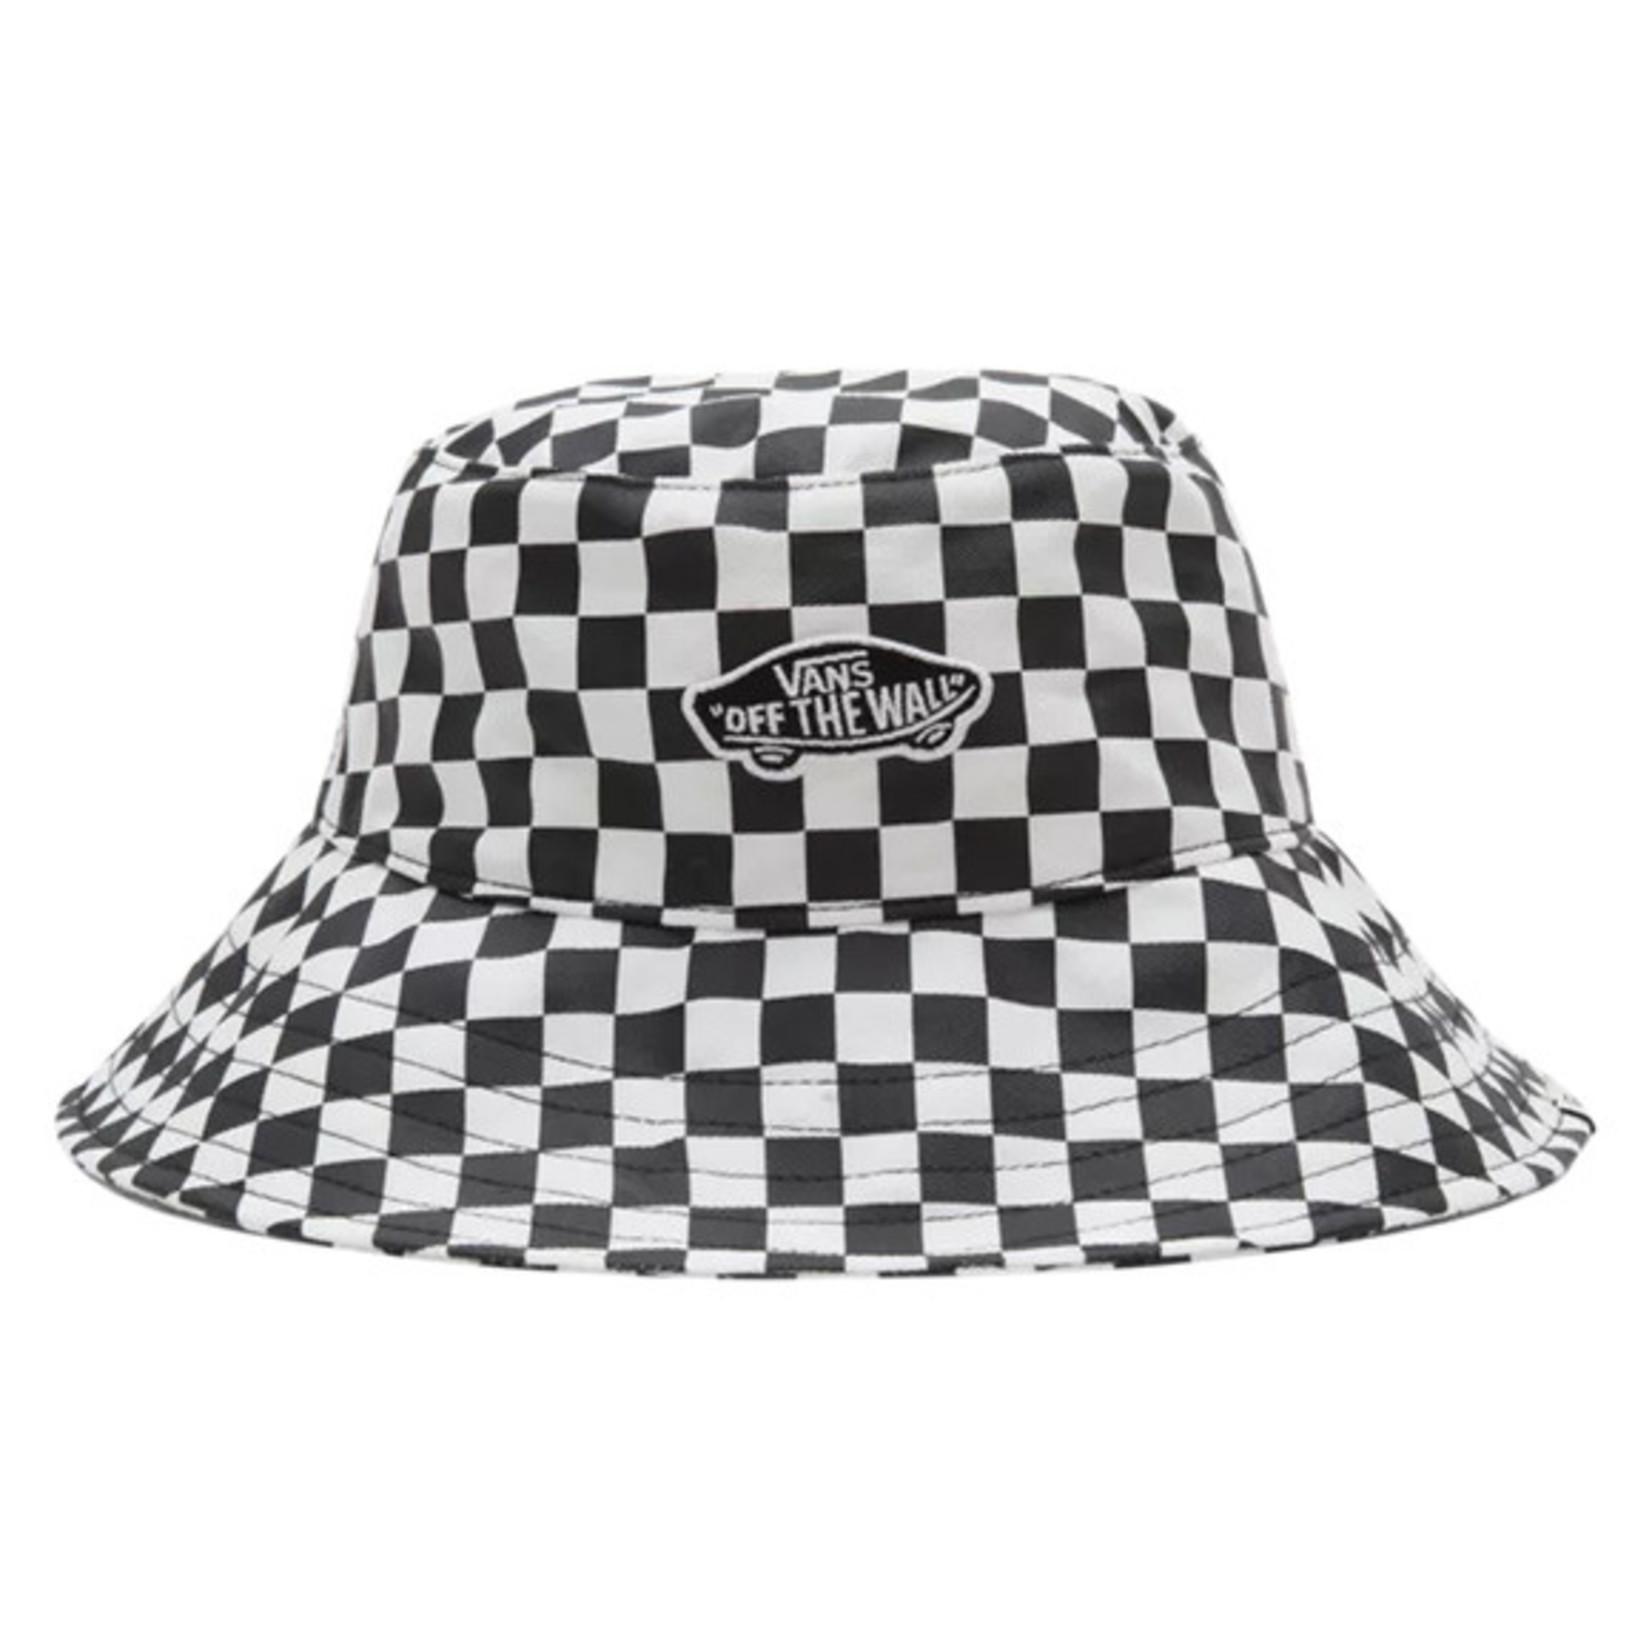 VANS VANS WM LEVEL UP BUCKET HAT